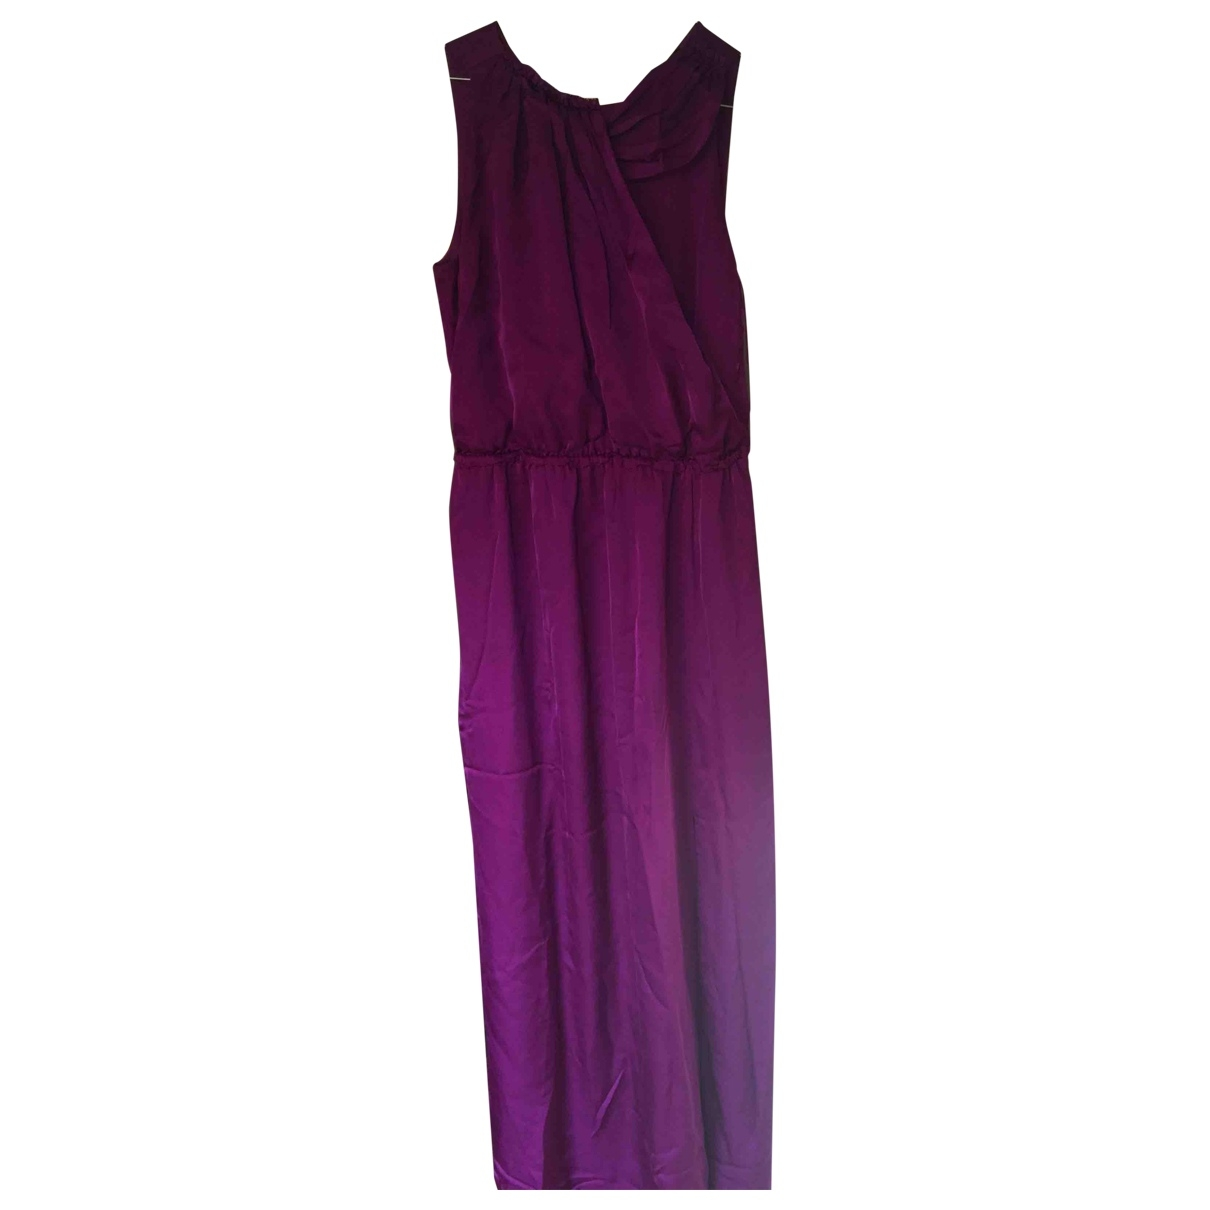 Massimo Dutti N Purple dress for Women 38EU